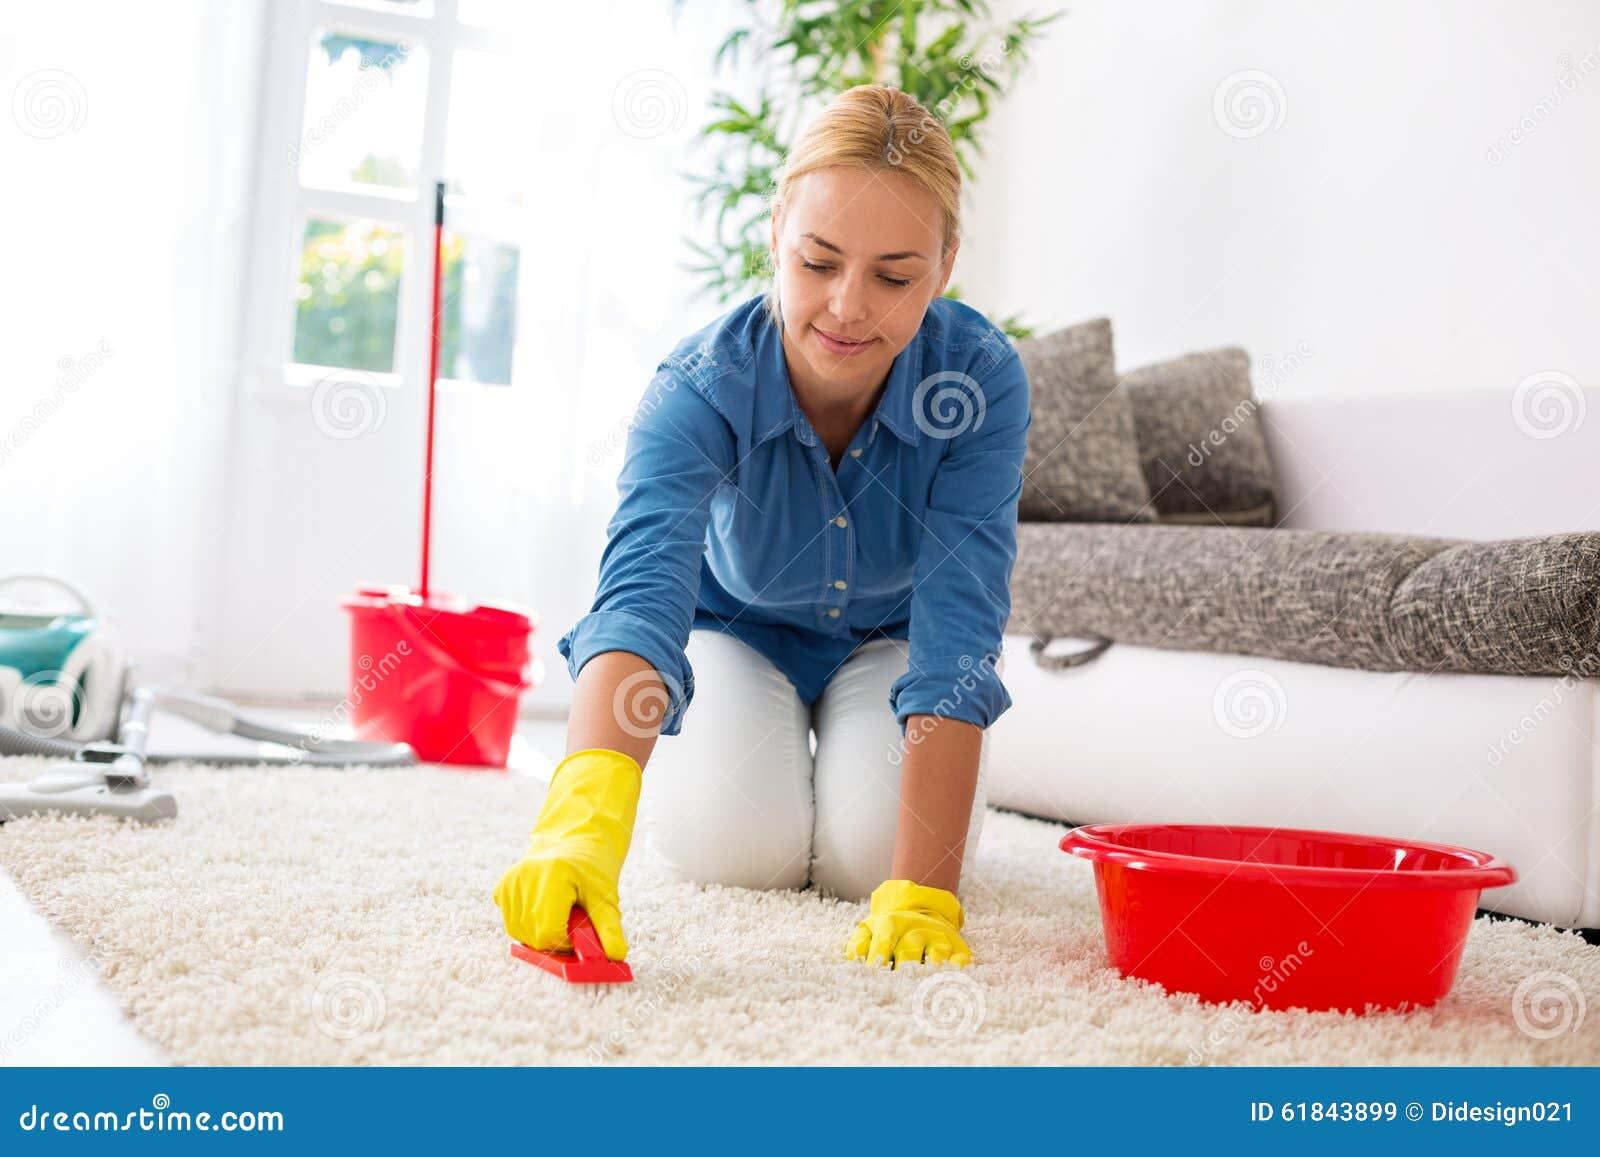 Hacer limpieza en casa affordable razones para hacer - Limpieza en casa ...